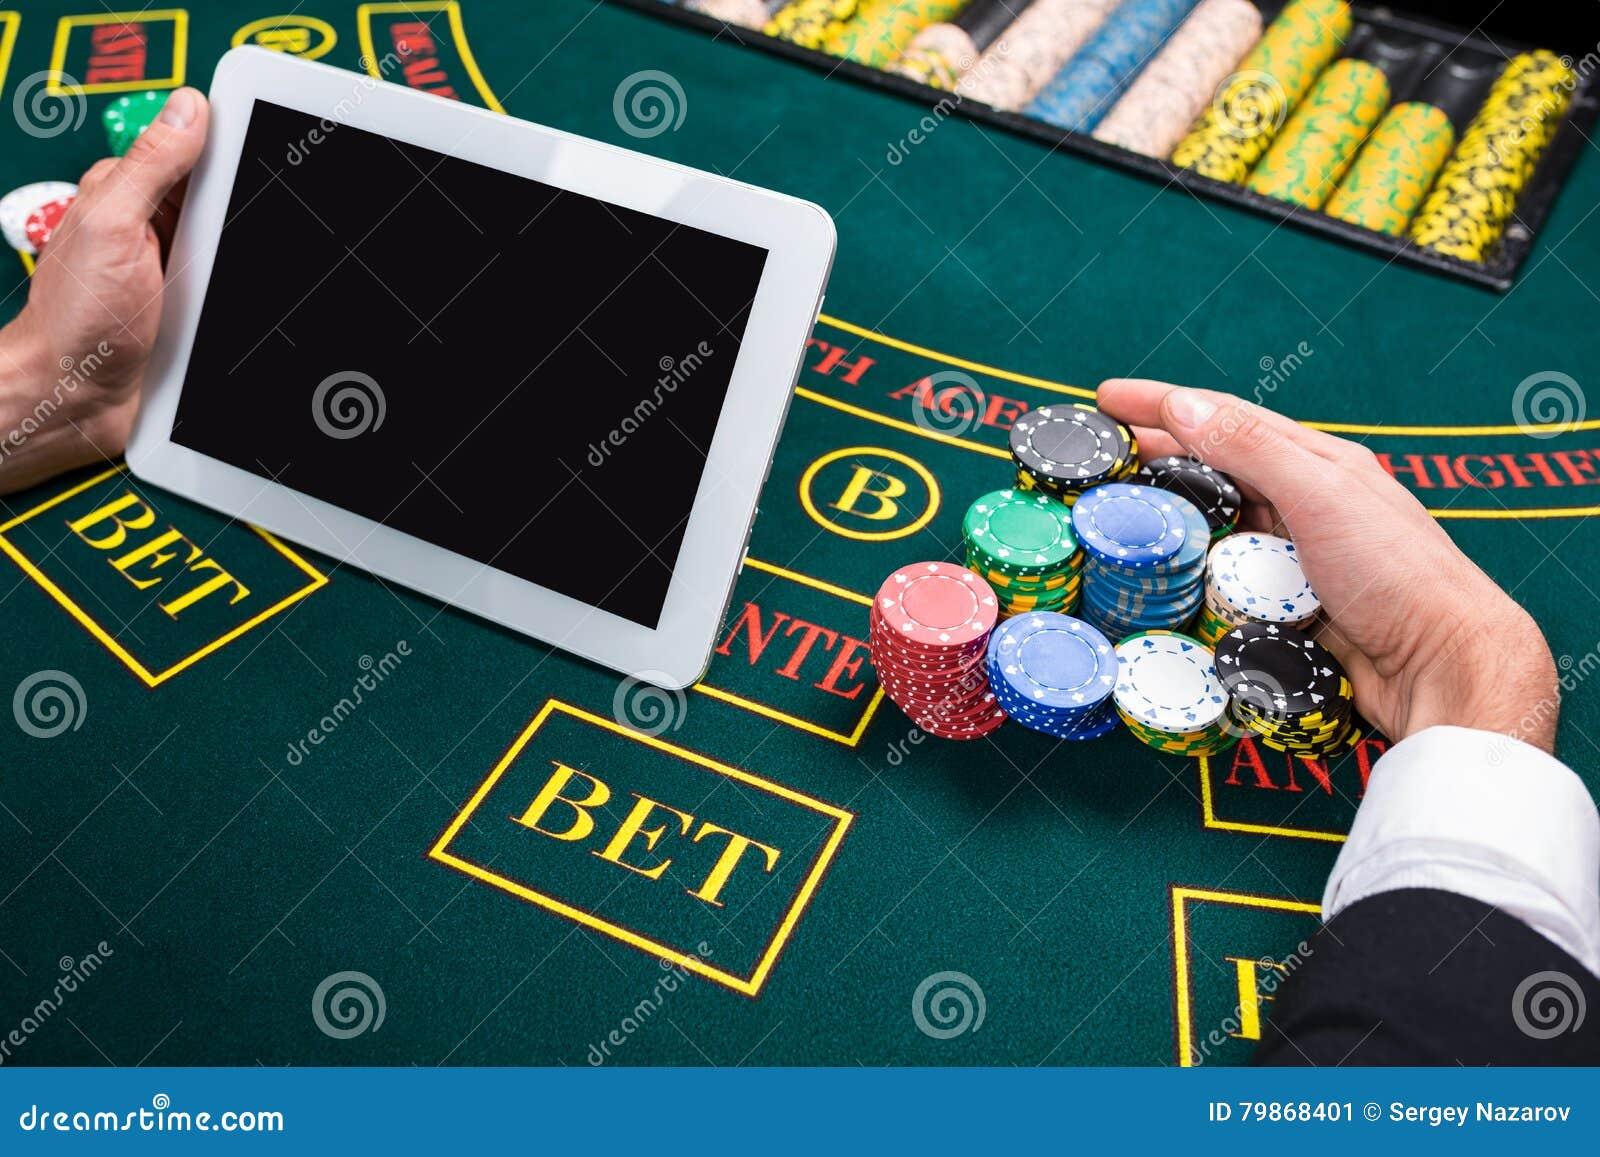 Играть в азартные игры в казино онлайн как играть на картах игральных